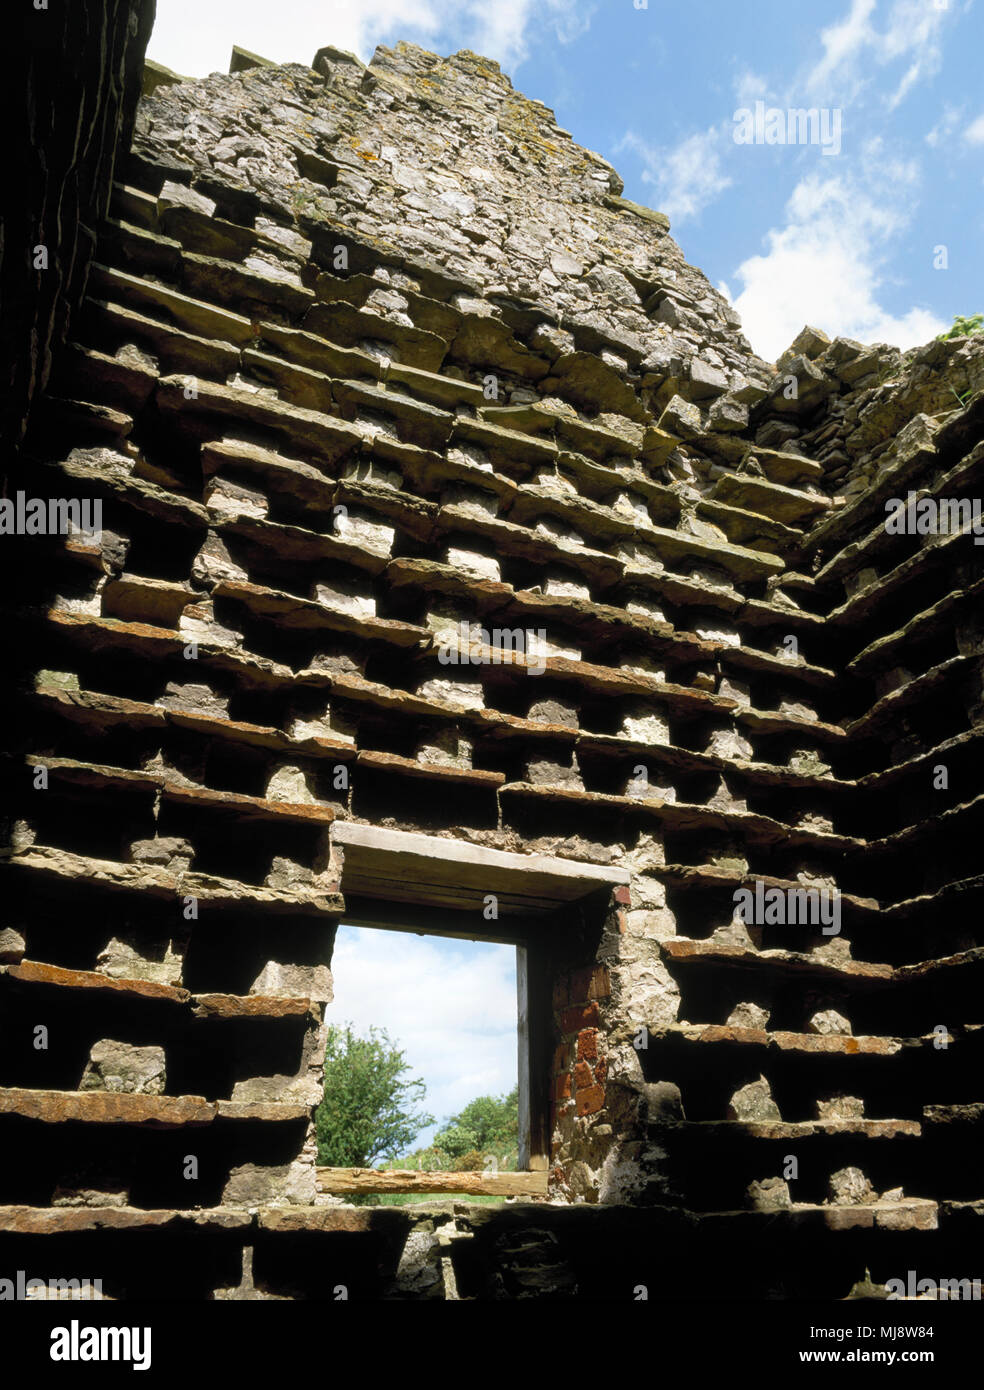 Des nichoirs à l'intérieur du 17ème siècle en ruine grand pigeonnier carré à Gop ferme, Trelawnyd, Flintshire, au nord du Pays de Galles, Royaume-Uni. Contenus autour de 700 nichoirs. Banque D'Images